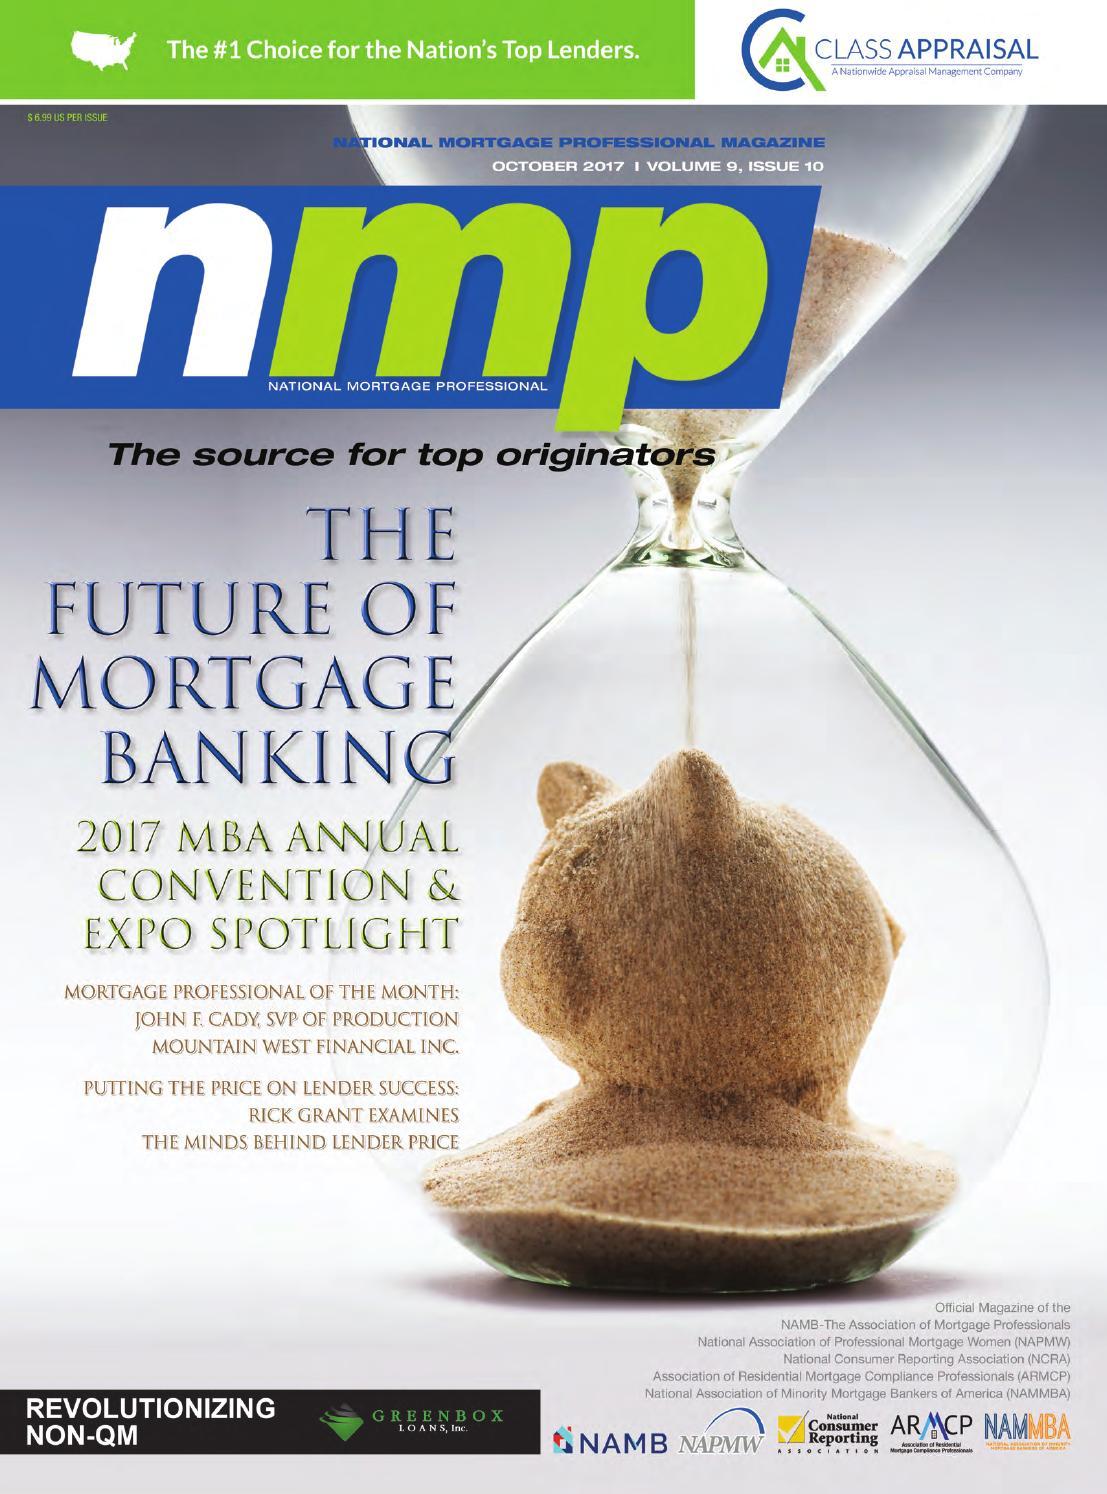 National Mortgage Professional Magazine October 2017 By Ambizmedia Issuu